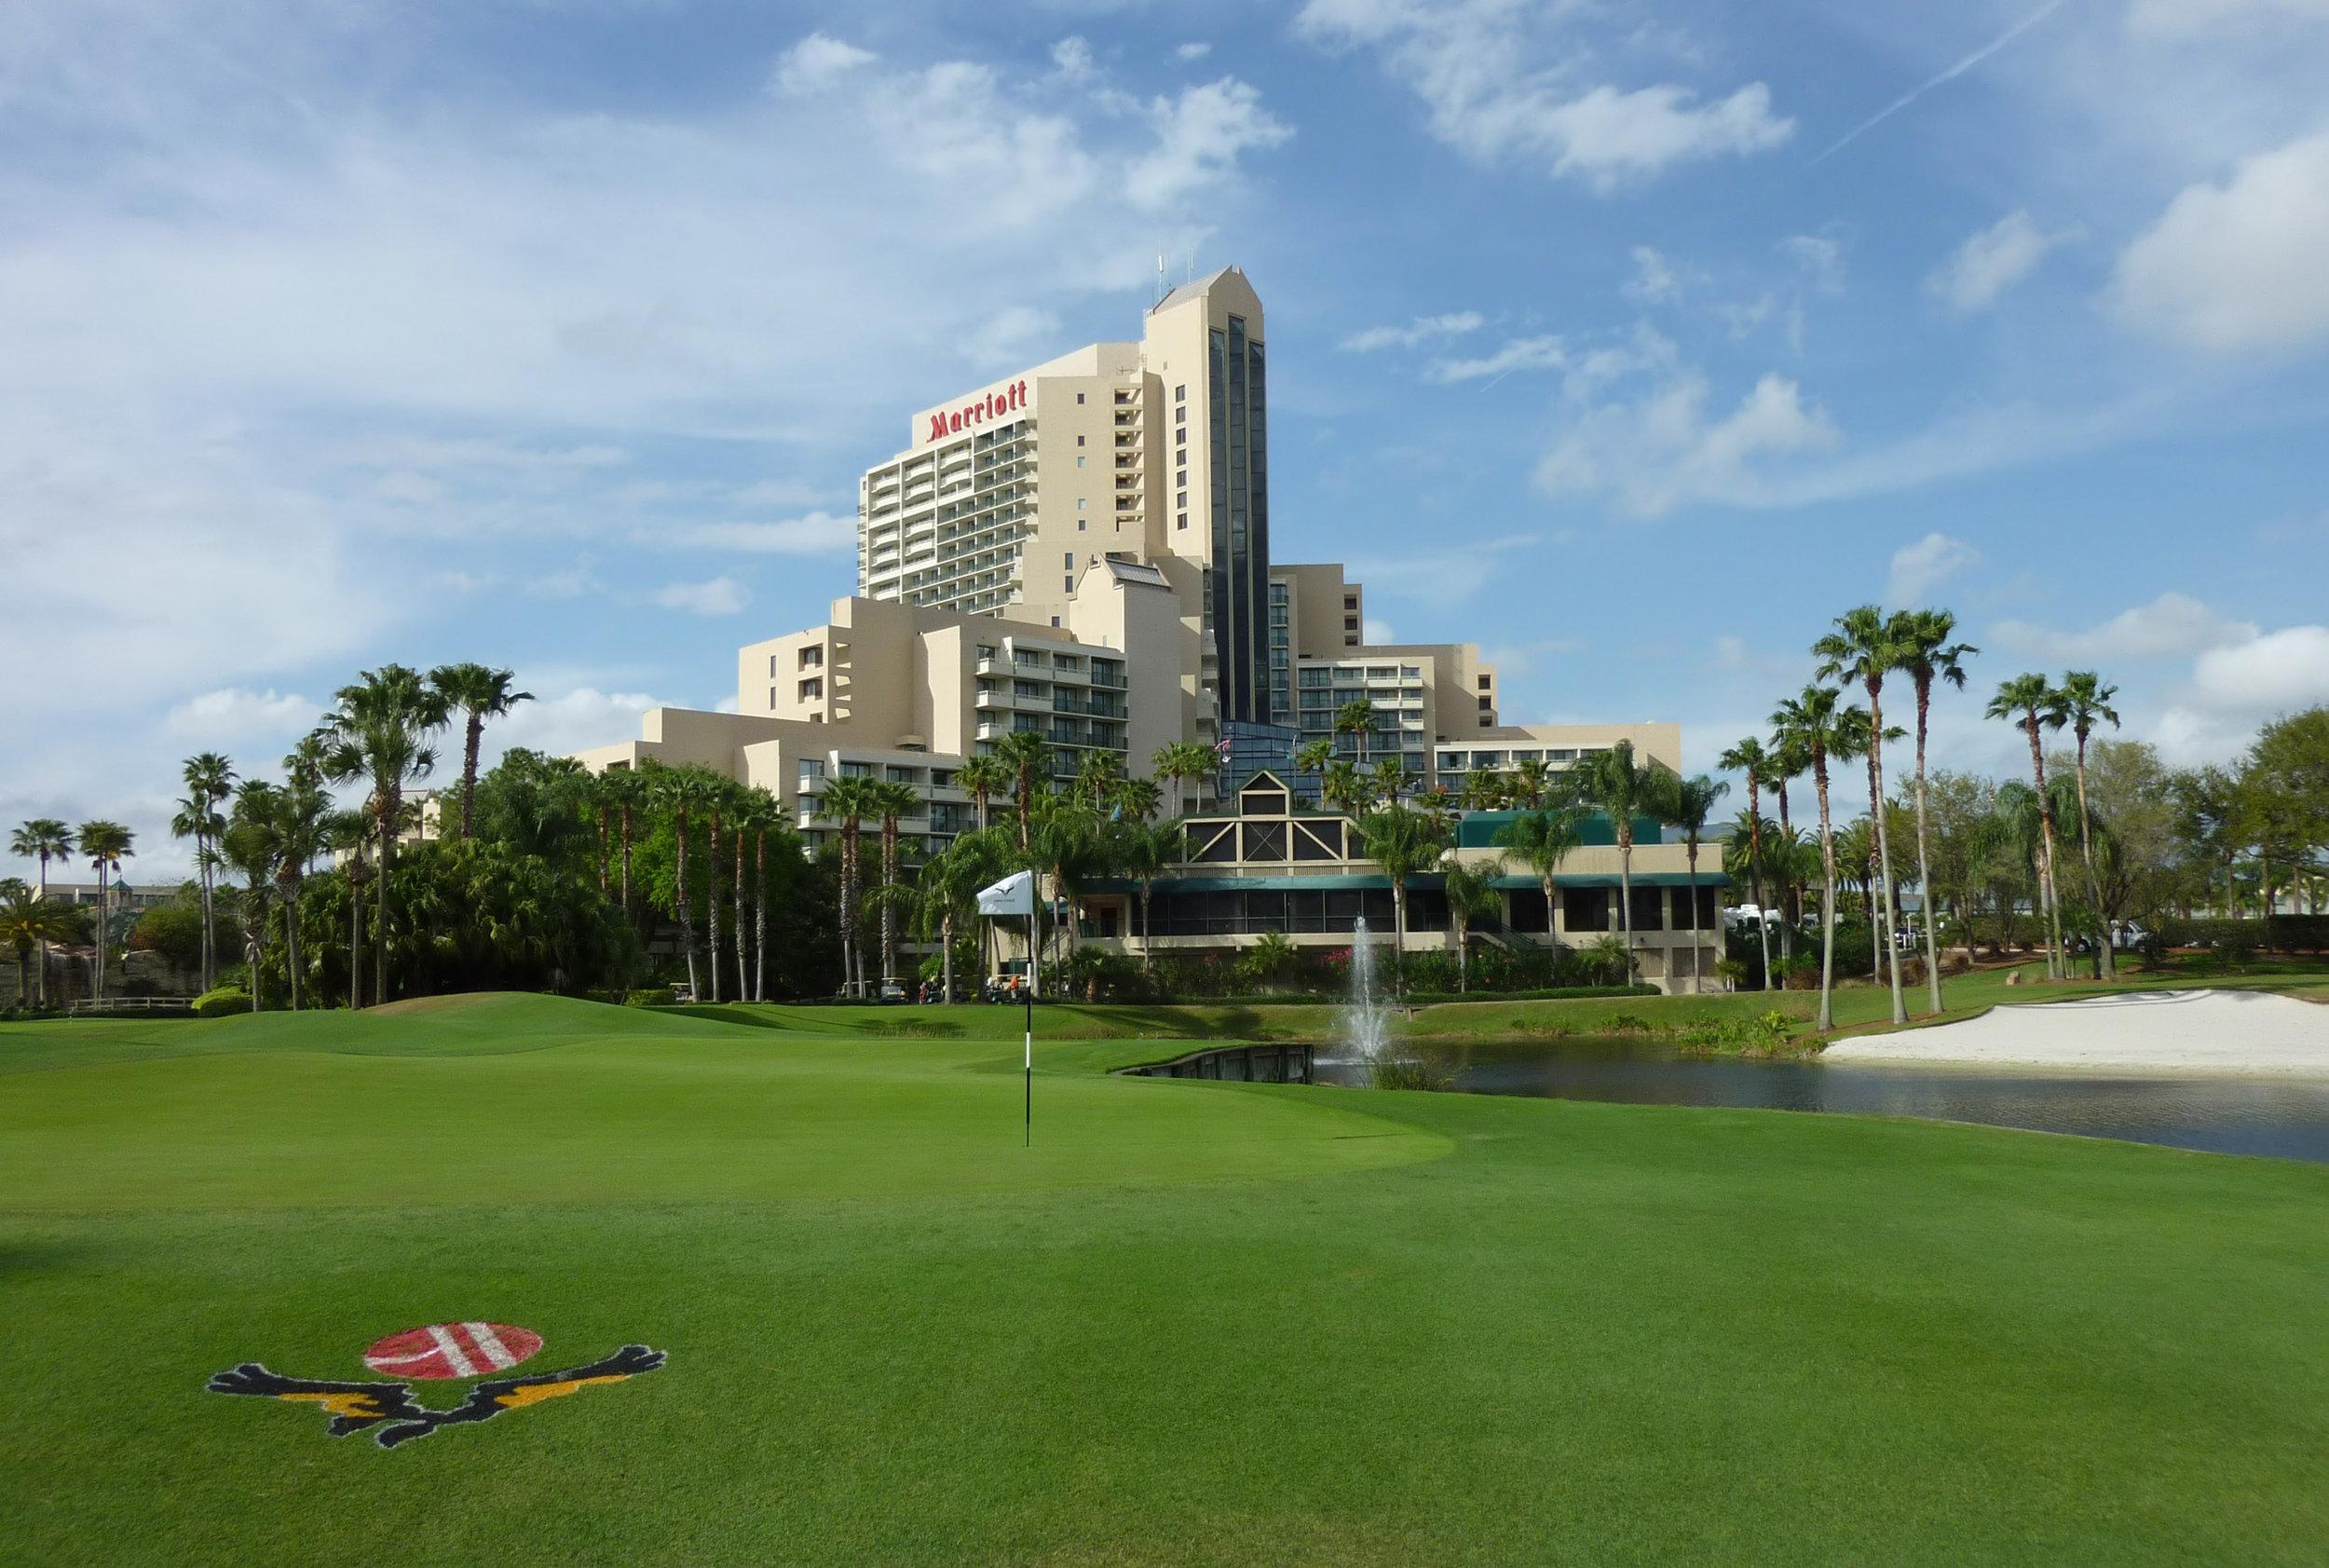 Orlando_World_Center_Marriott_04.jpg